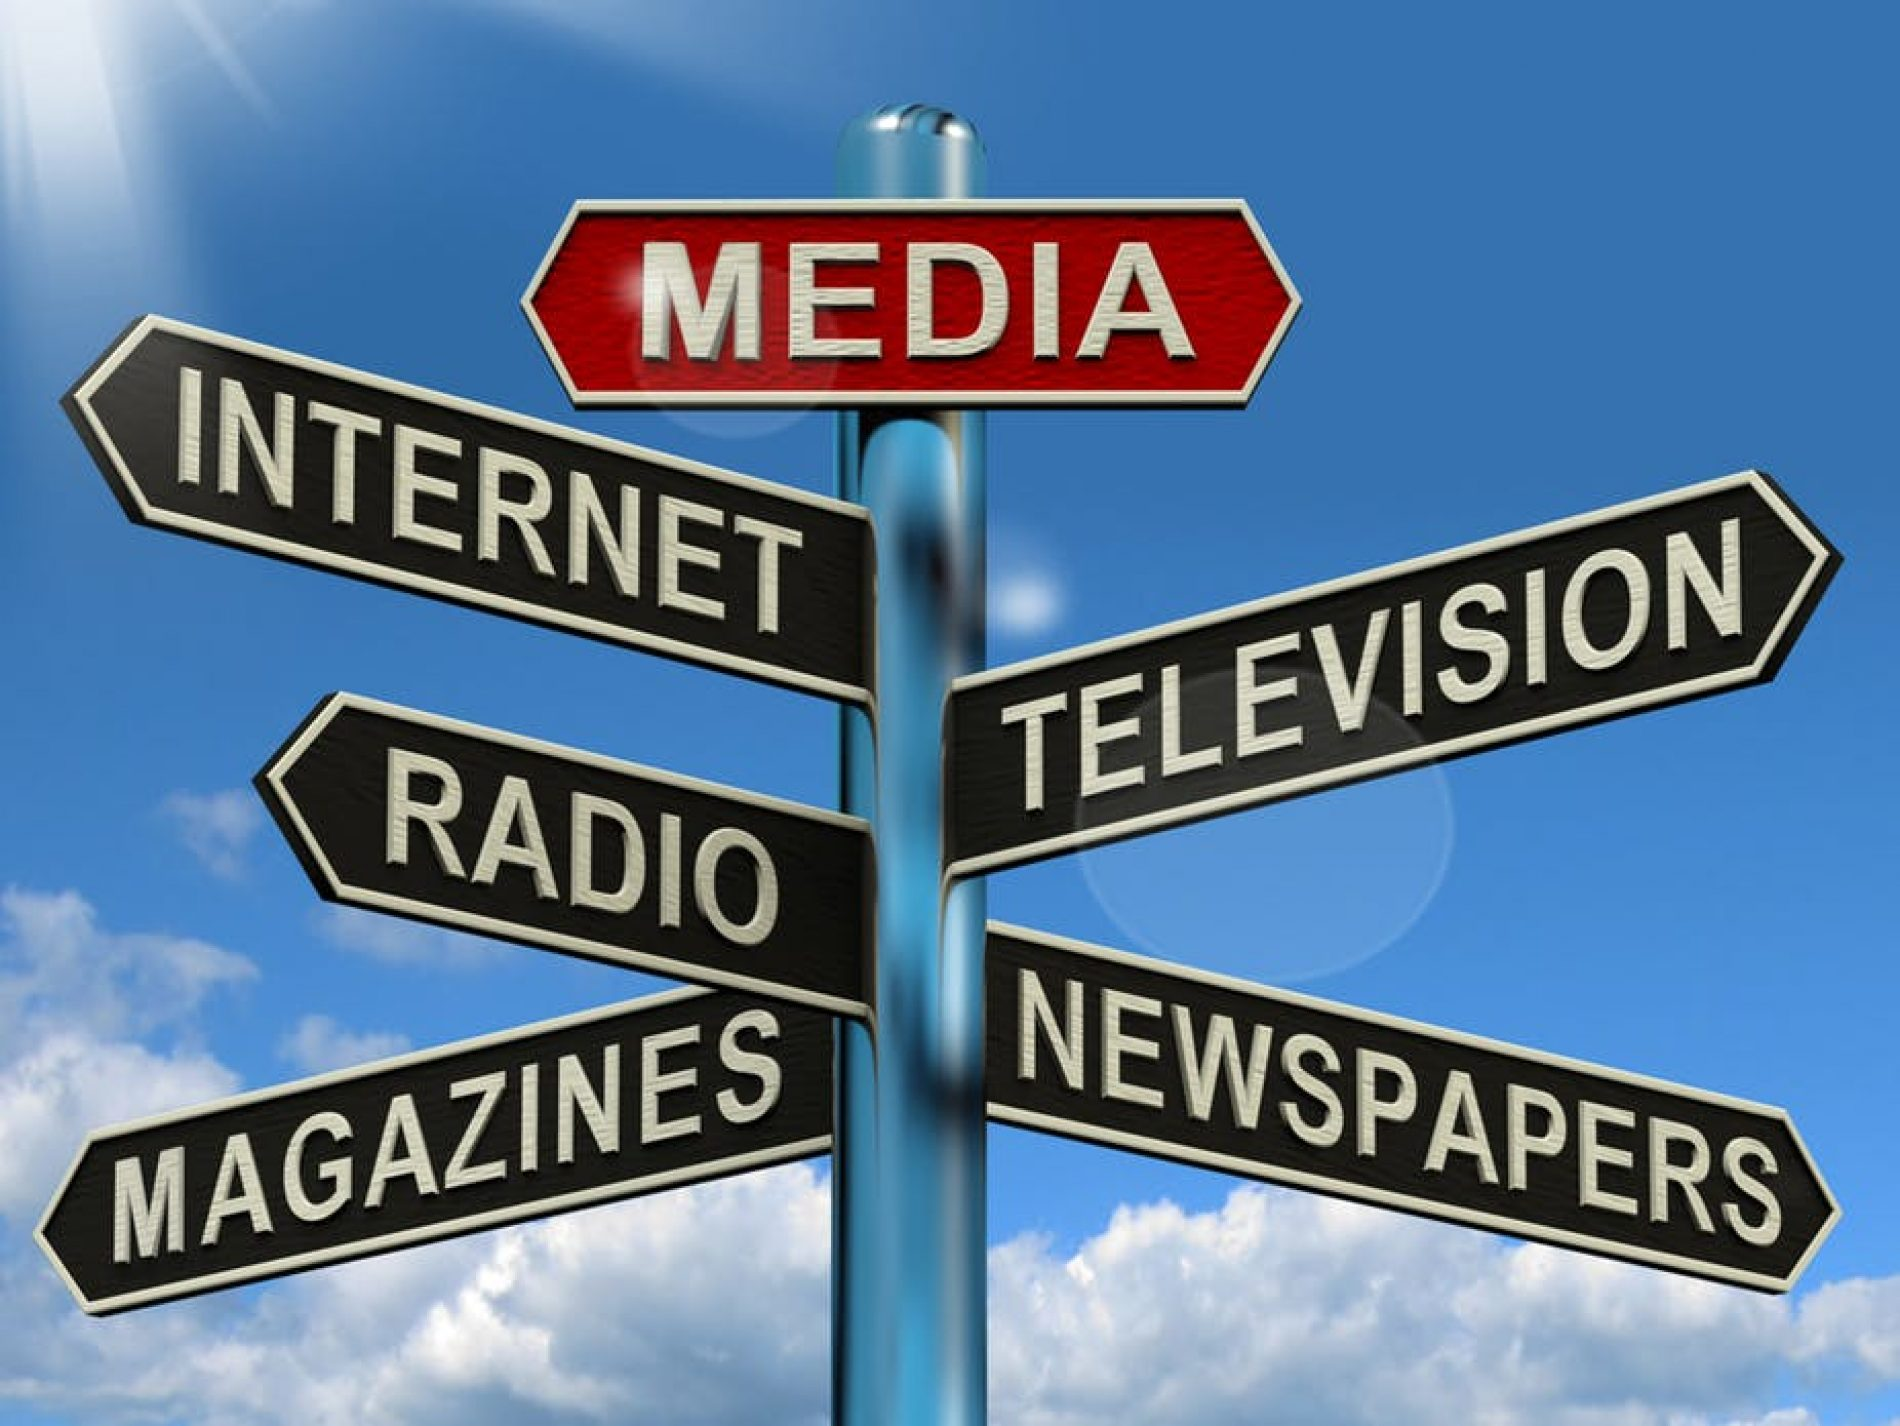 Izvještaj o slobodi medija: Slovenija i Bosna najbolje ocijenjene u regiji